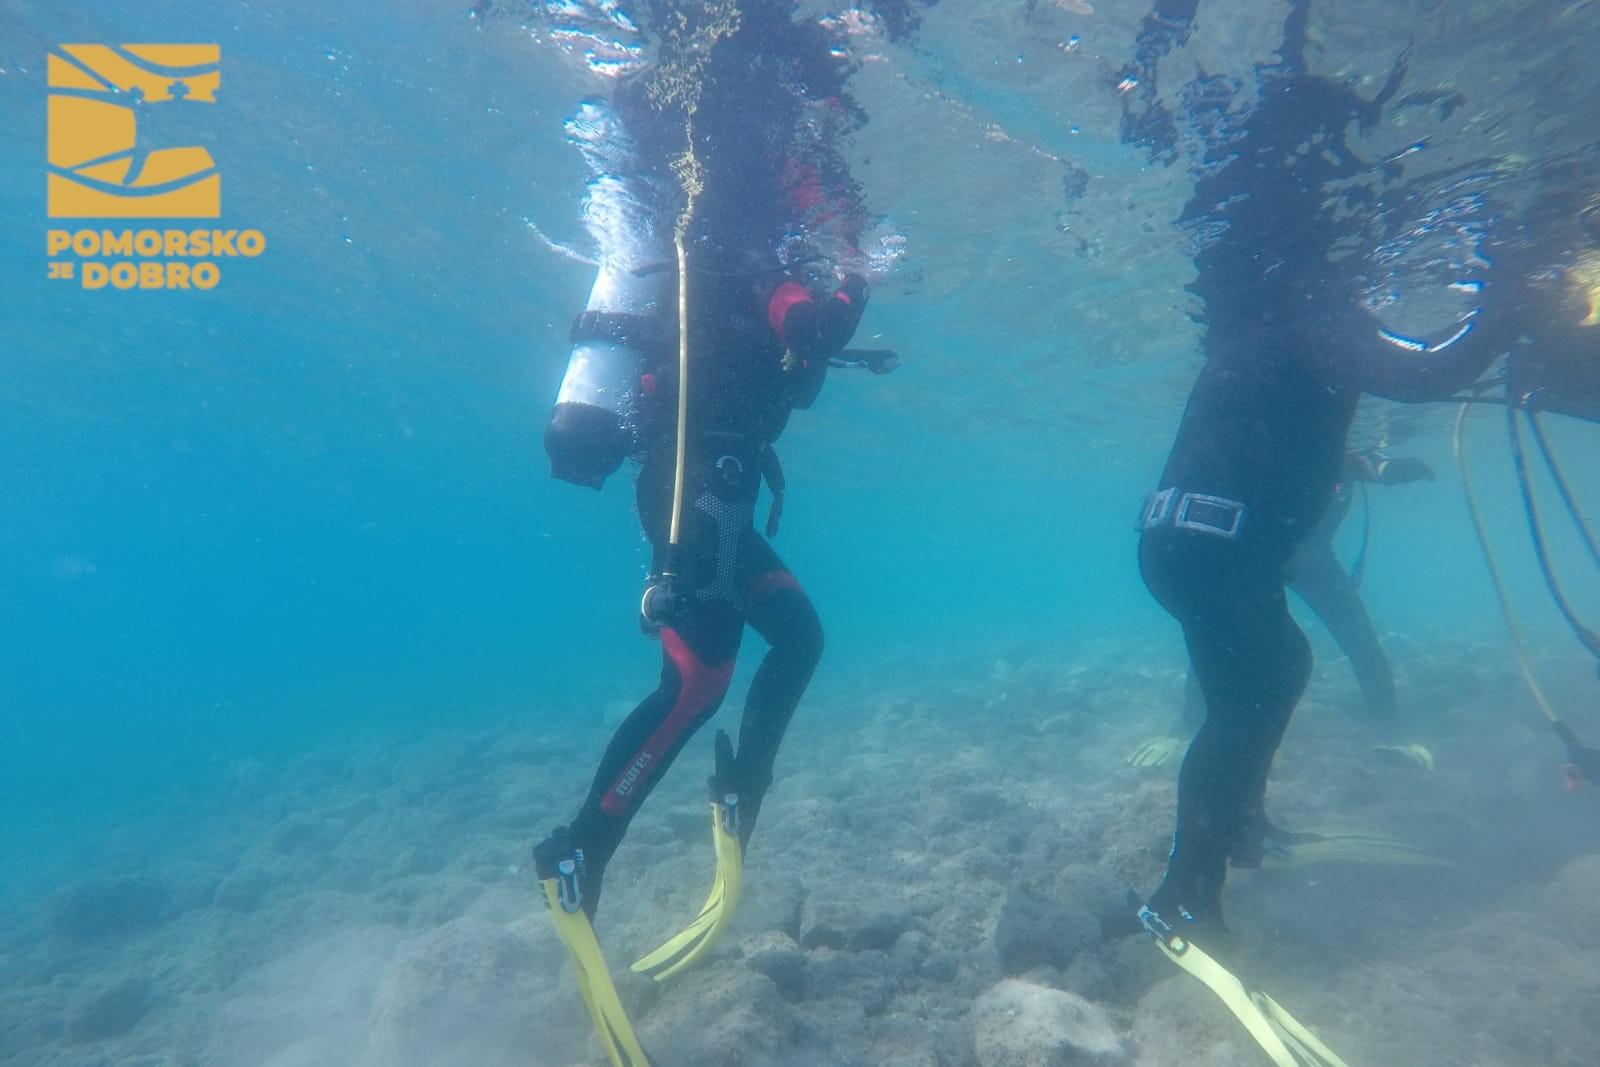 POMORSKO JE DOBRO Promoviramo ronjenje među mladima u svrhu očuvanja Jadrana